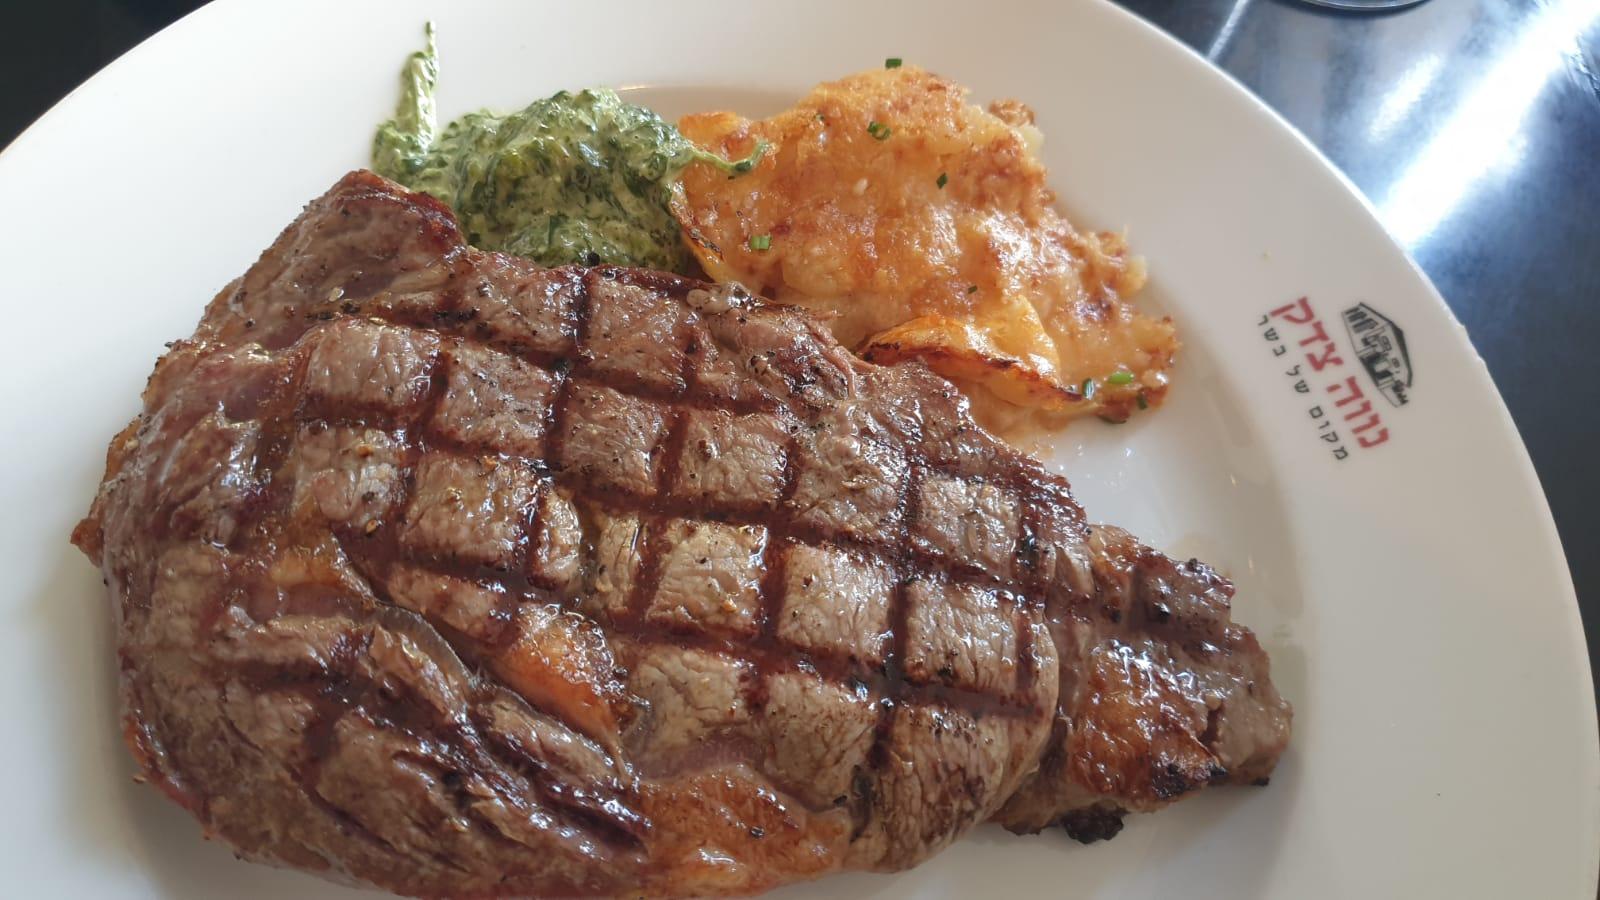 המסעדות הטובות ביותר ב תל אביב - מקום של בשר